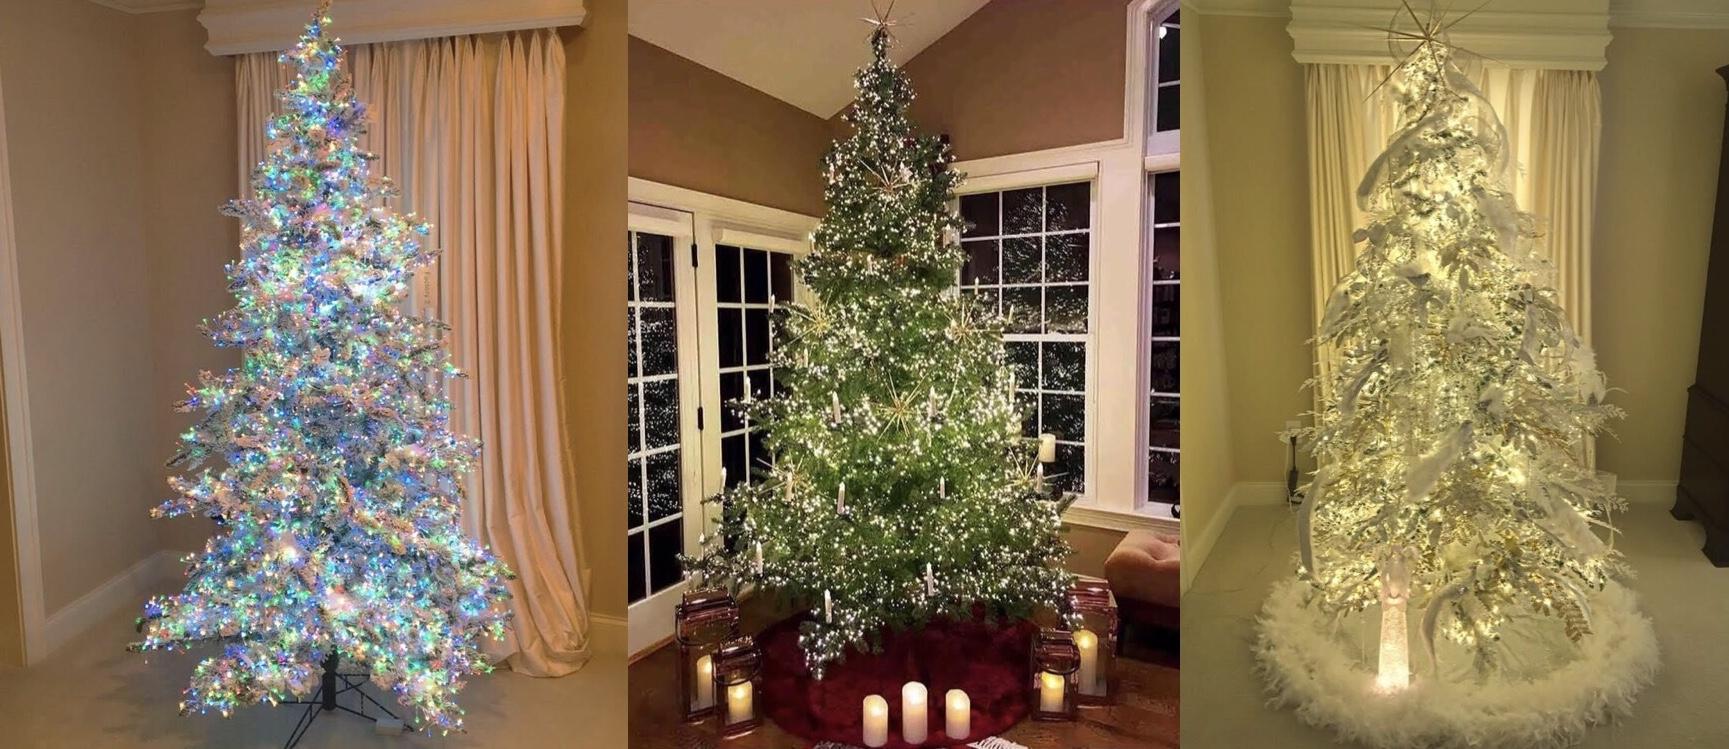 Lisa Robertson Christmas Trees 2021 The Story Of The Stars In The Sky Christmas Tree Lisa Robertson